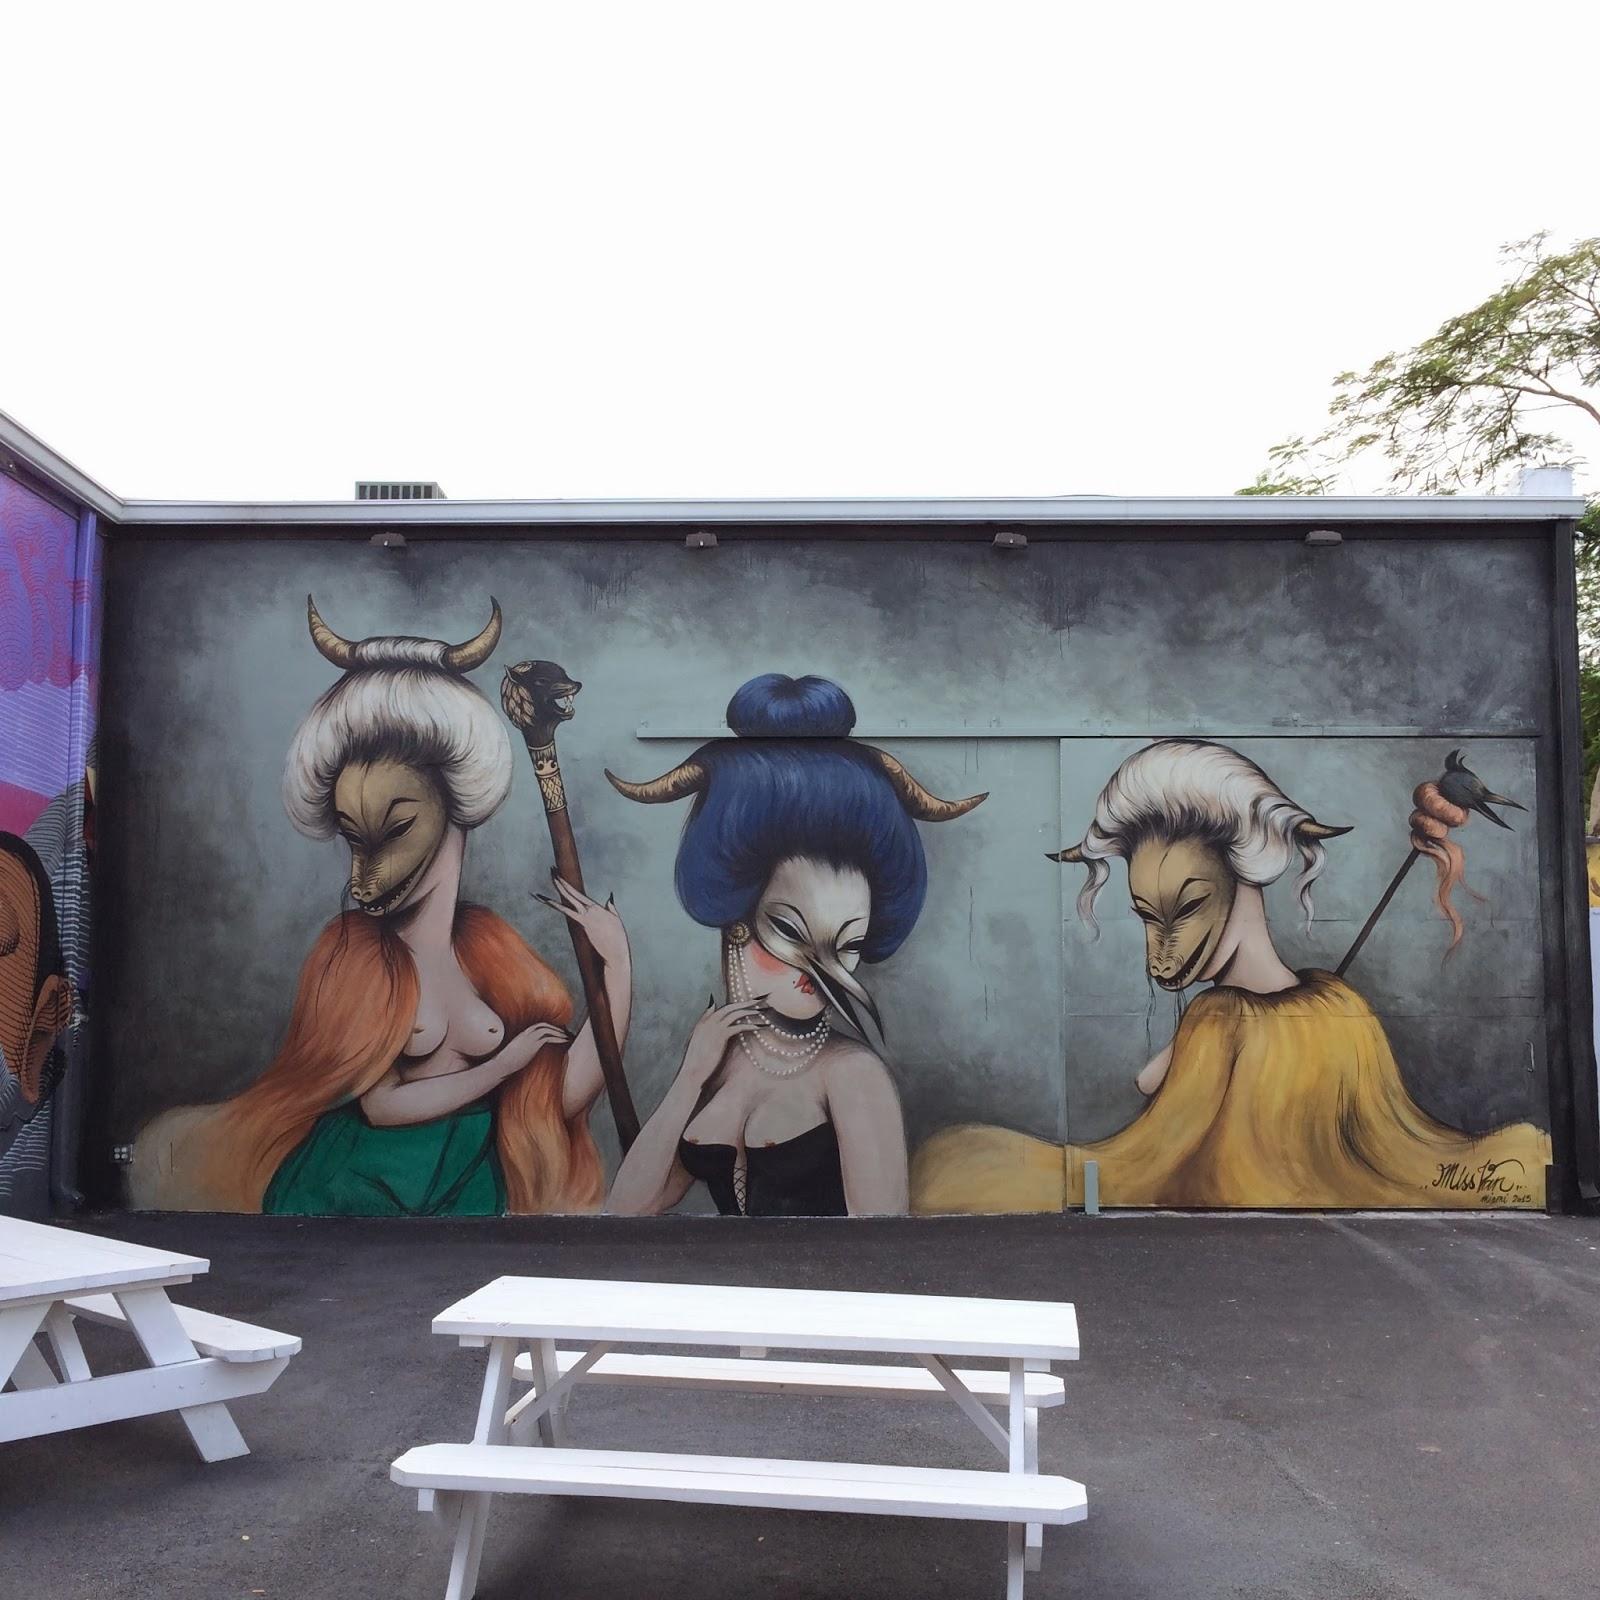 miss-van-new-mural-at-art-basel-2013-01